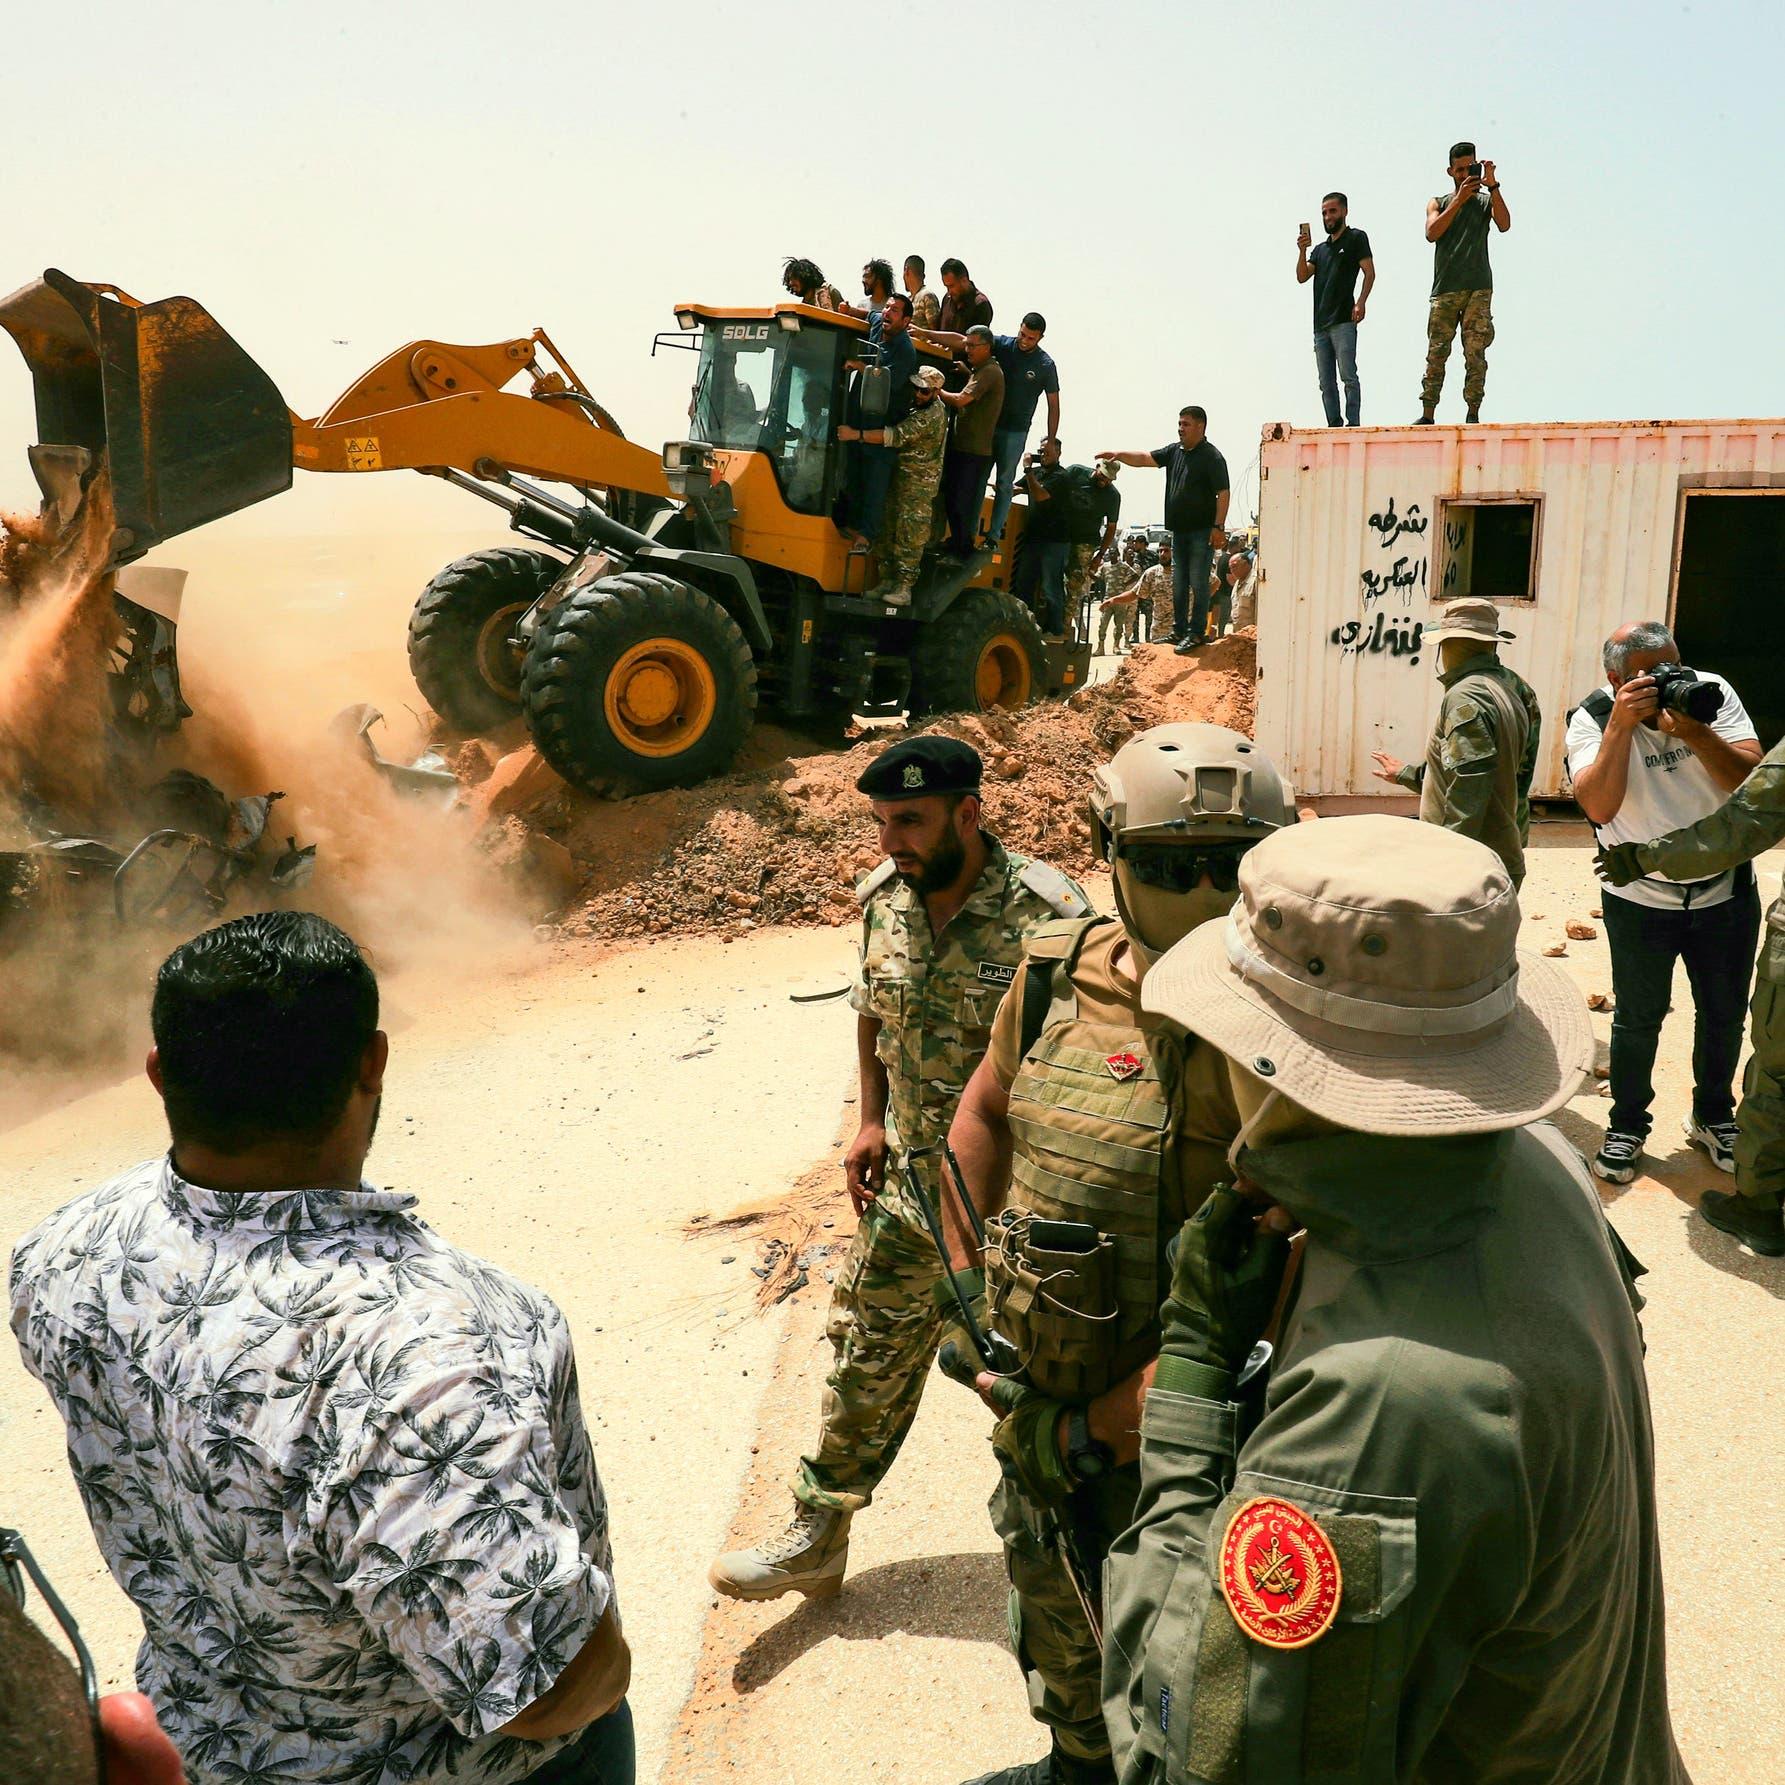 البعثة الأممية: أعمال طائشة تهدد وقف النار في ليبيا